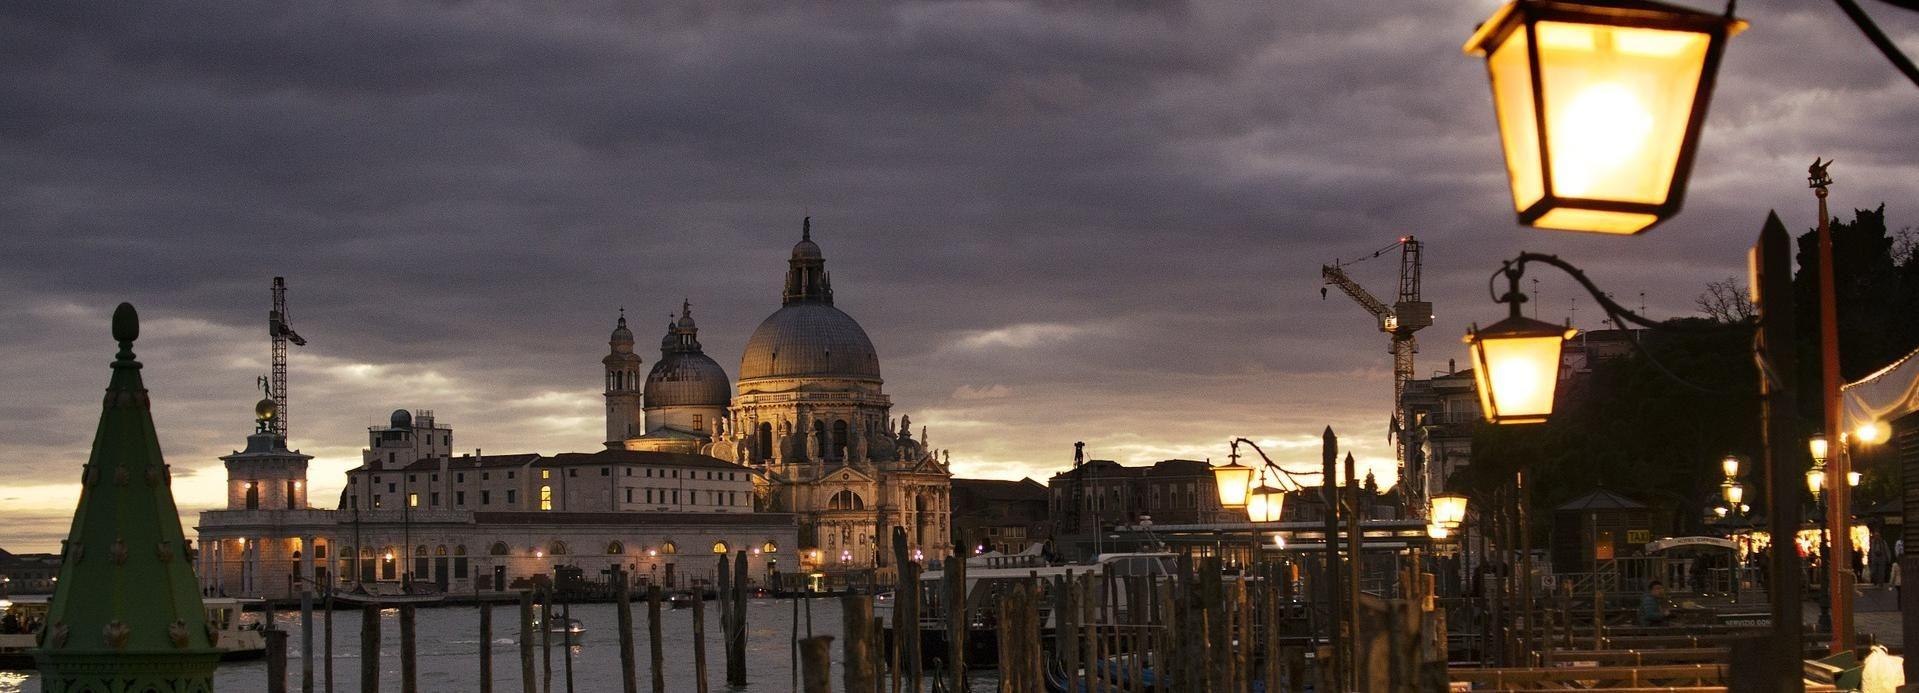 Венеция: Частные убийства и тайны